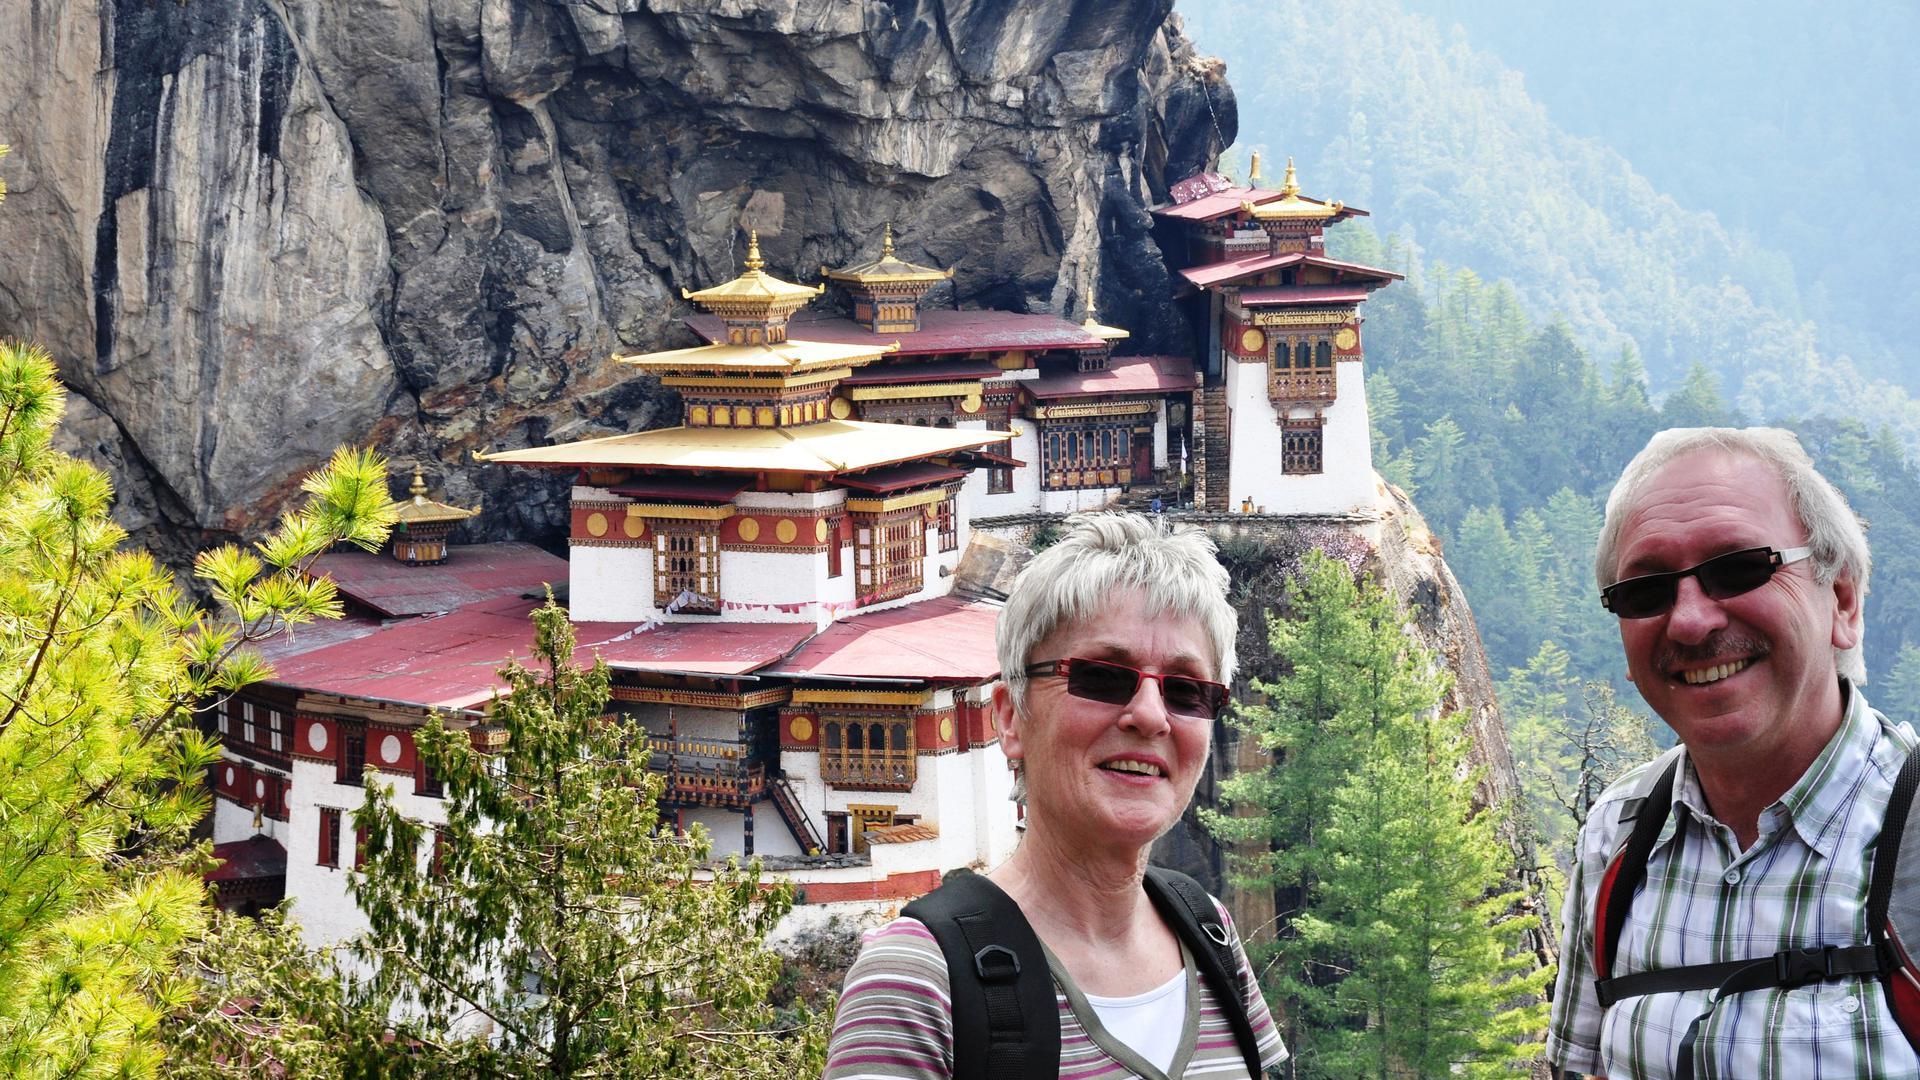 """Zu hohen Himalaya-Bergen: das Ehepaar Seyfried vor dem Tigernest-Kloster im """"Land des Glücks"""" Bhutan."""